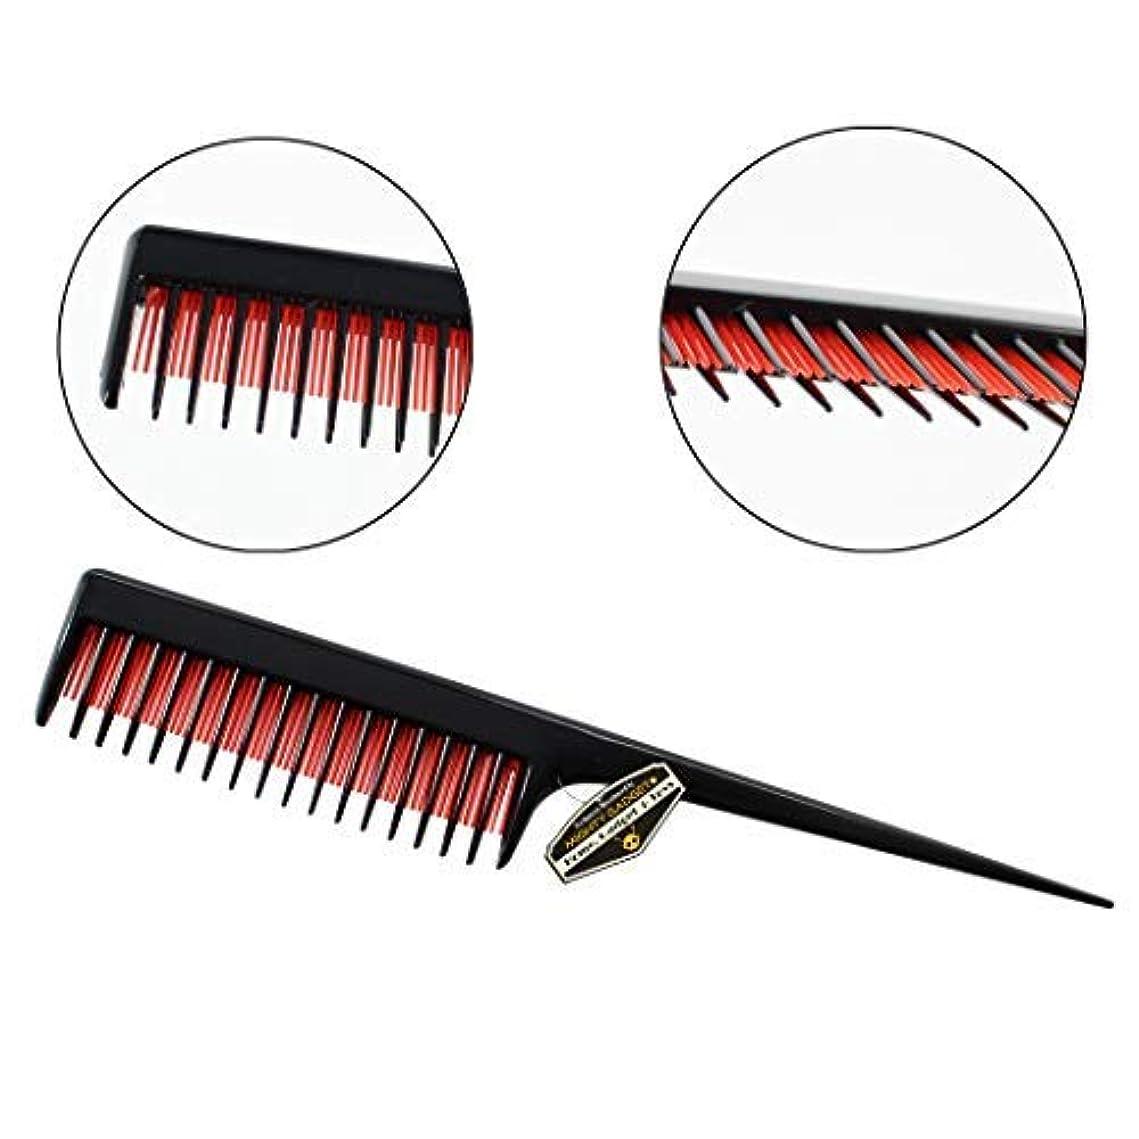 カプラー偽造まもなく3 Pack of Mighty Gadget 8 inch Teasing Comb - Rat Tail Comb for Back Combing, Root Teasing, Adding Volume, Evening Styling for Thin, Fine and Normal Hair Types [並行輸入品]